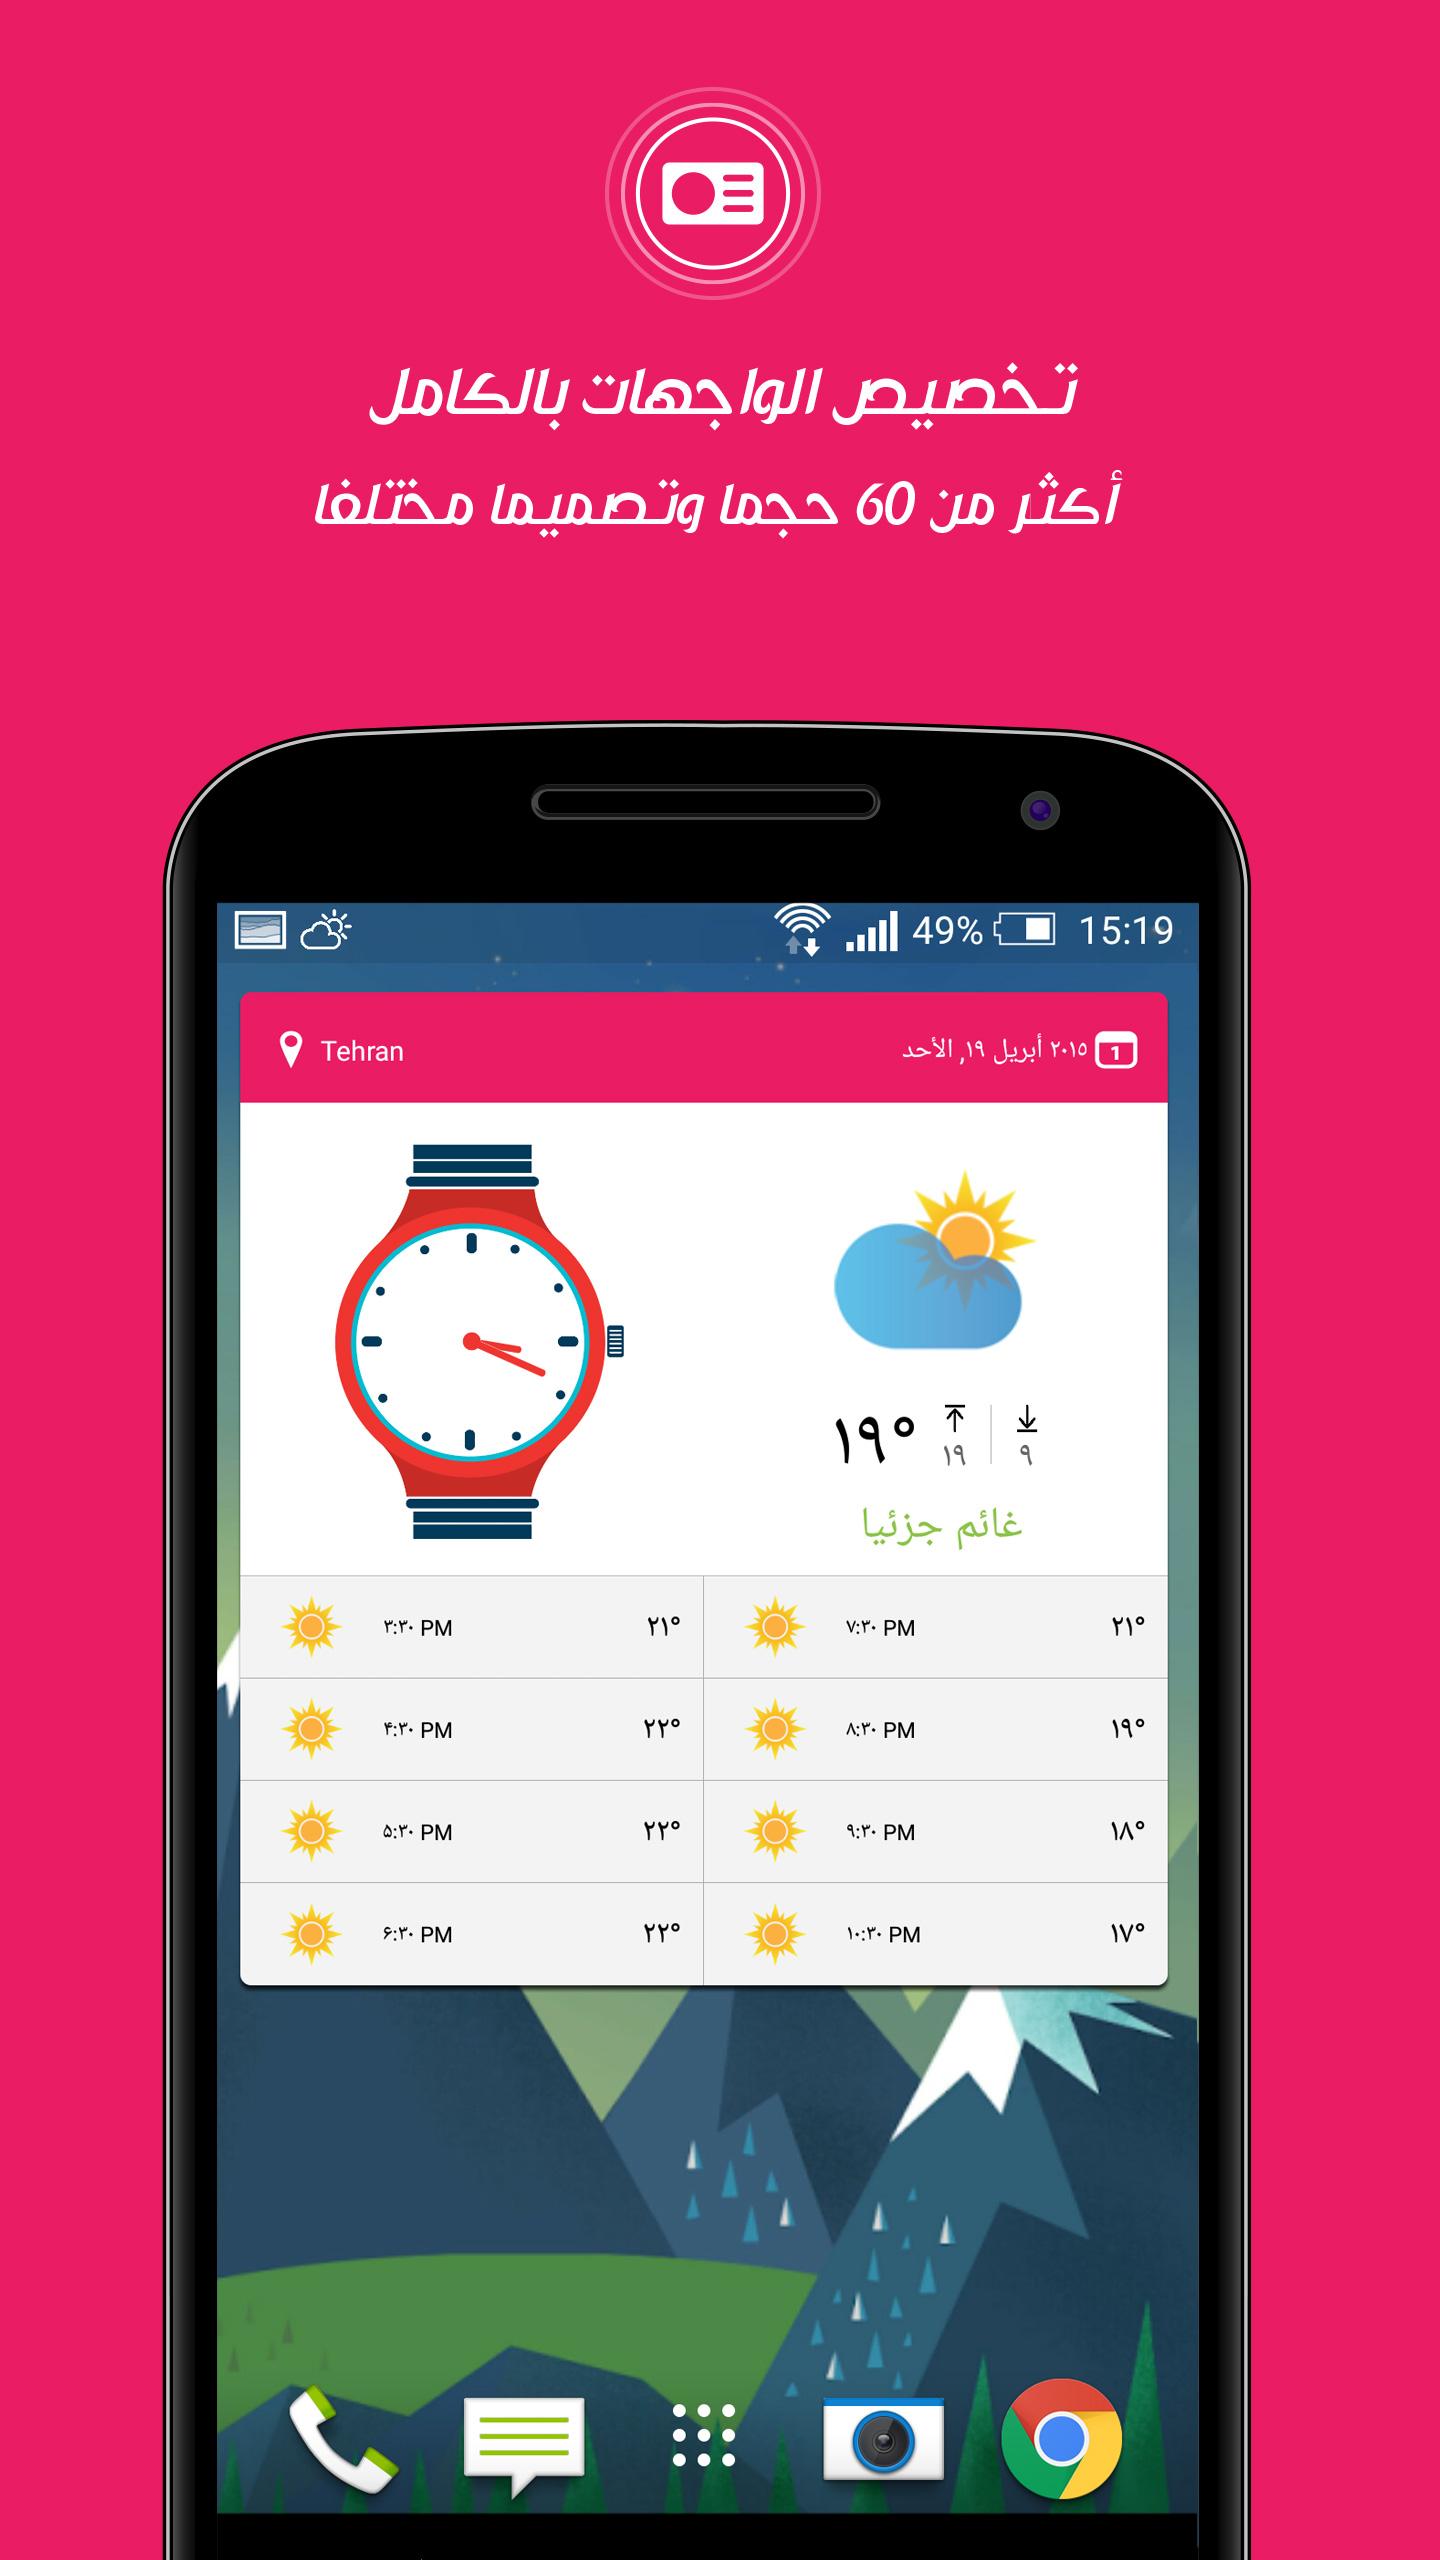 تحديث تطبيق الطقس والساعة Unique Widgets بدعمه للغة العربية